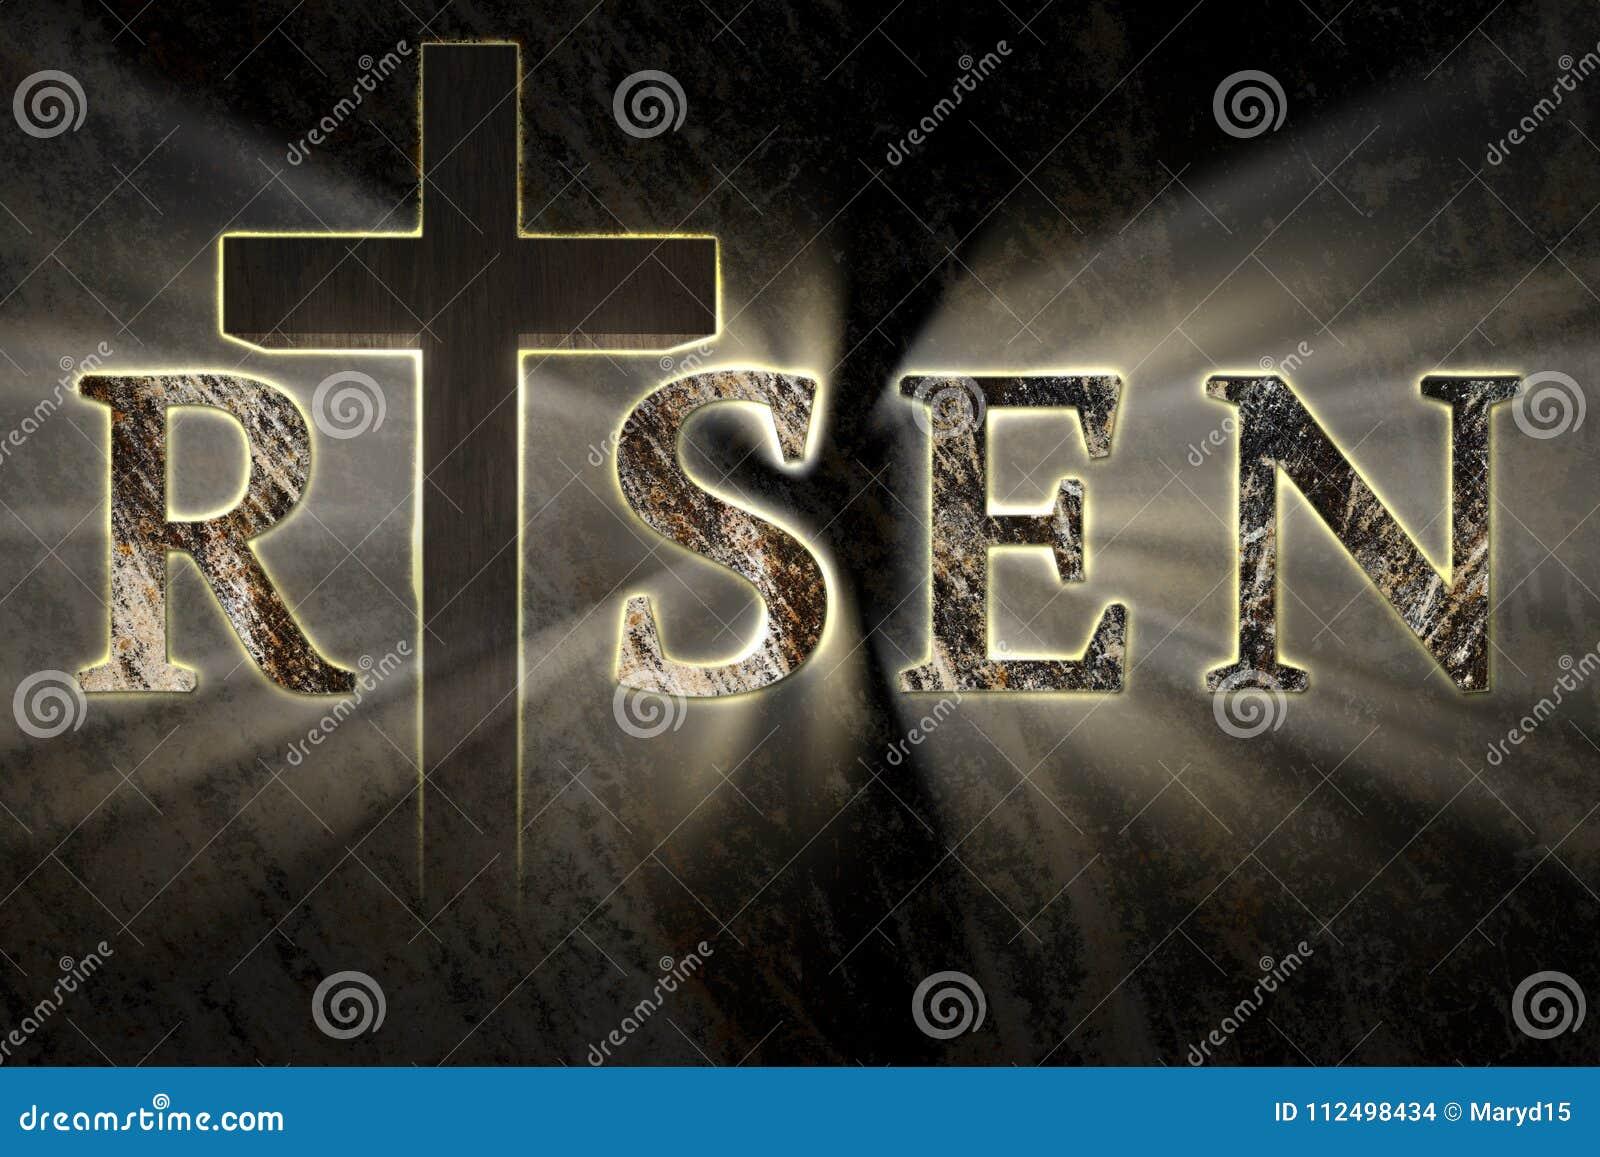 Påskbakgrund med arga Jesus Christ och skriftlig uppstigen text, inristat, snidit på stenen